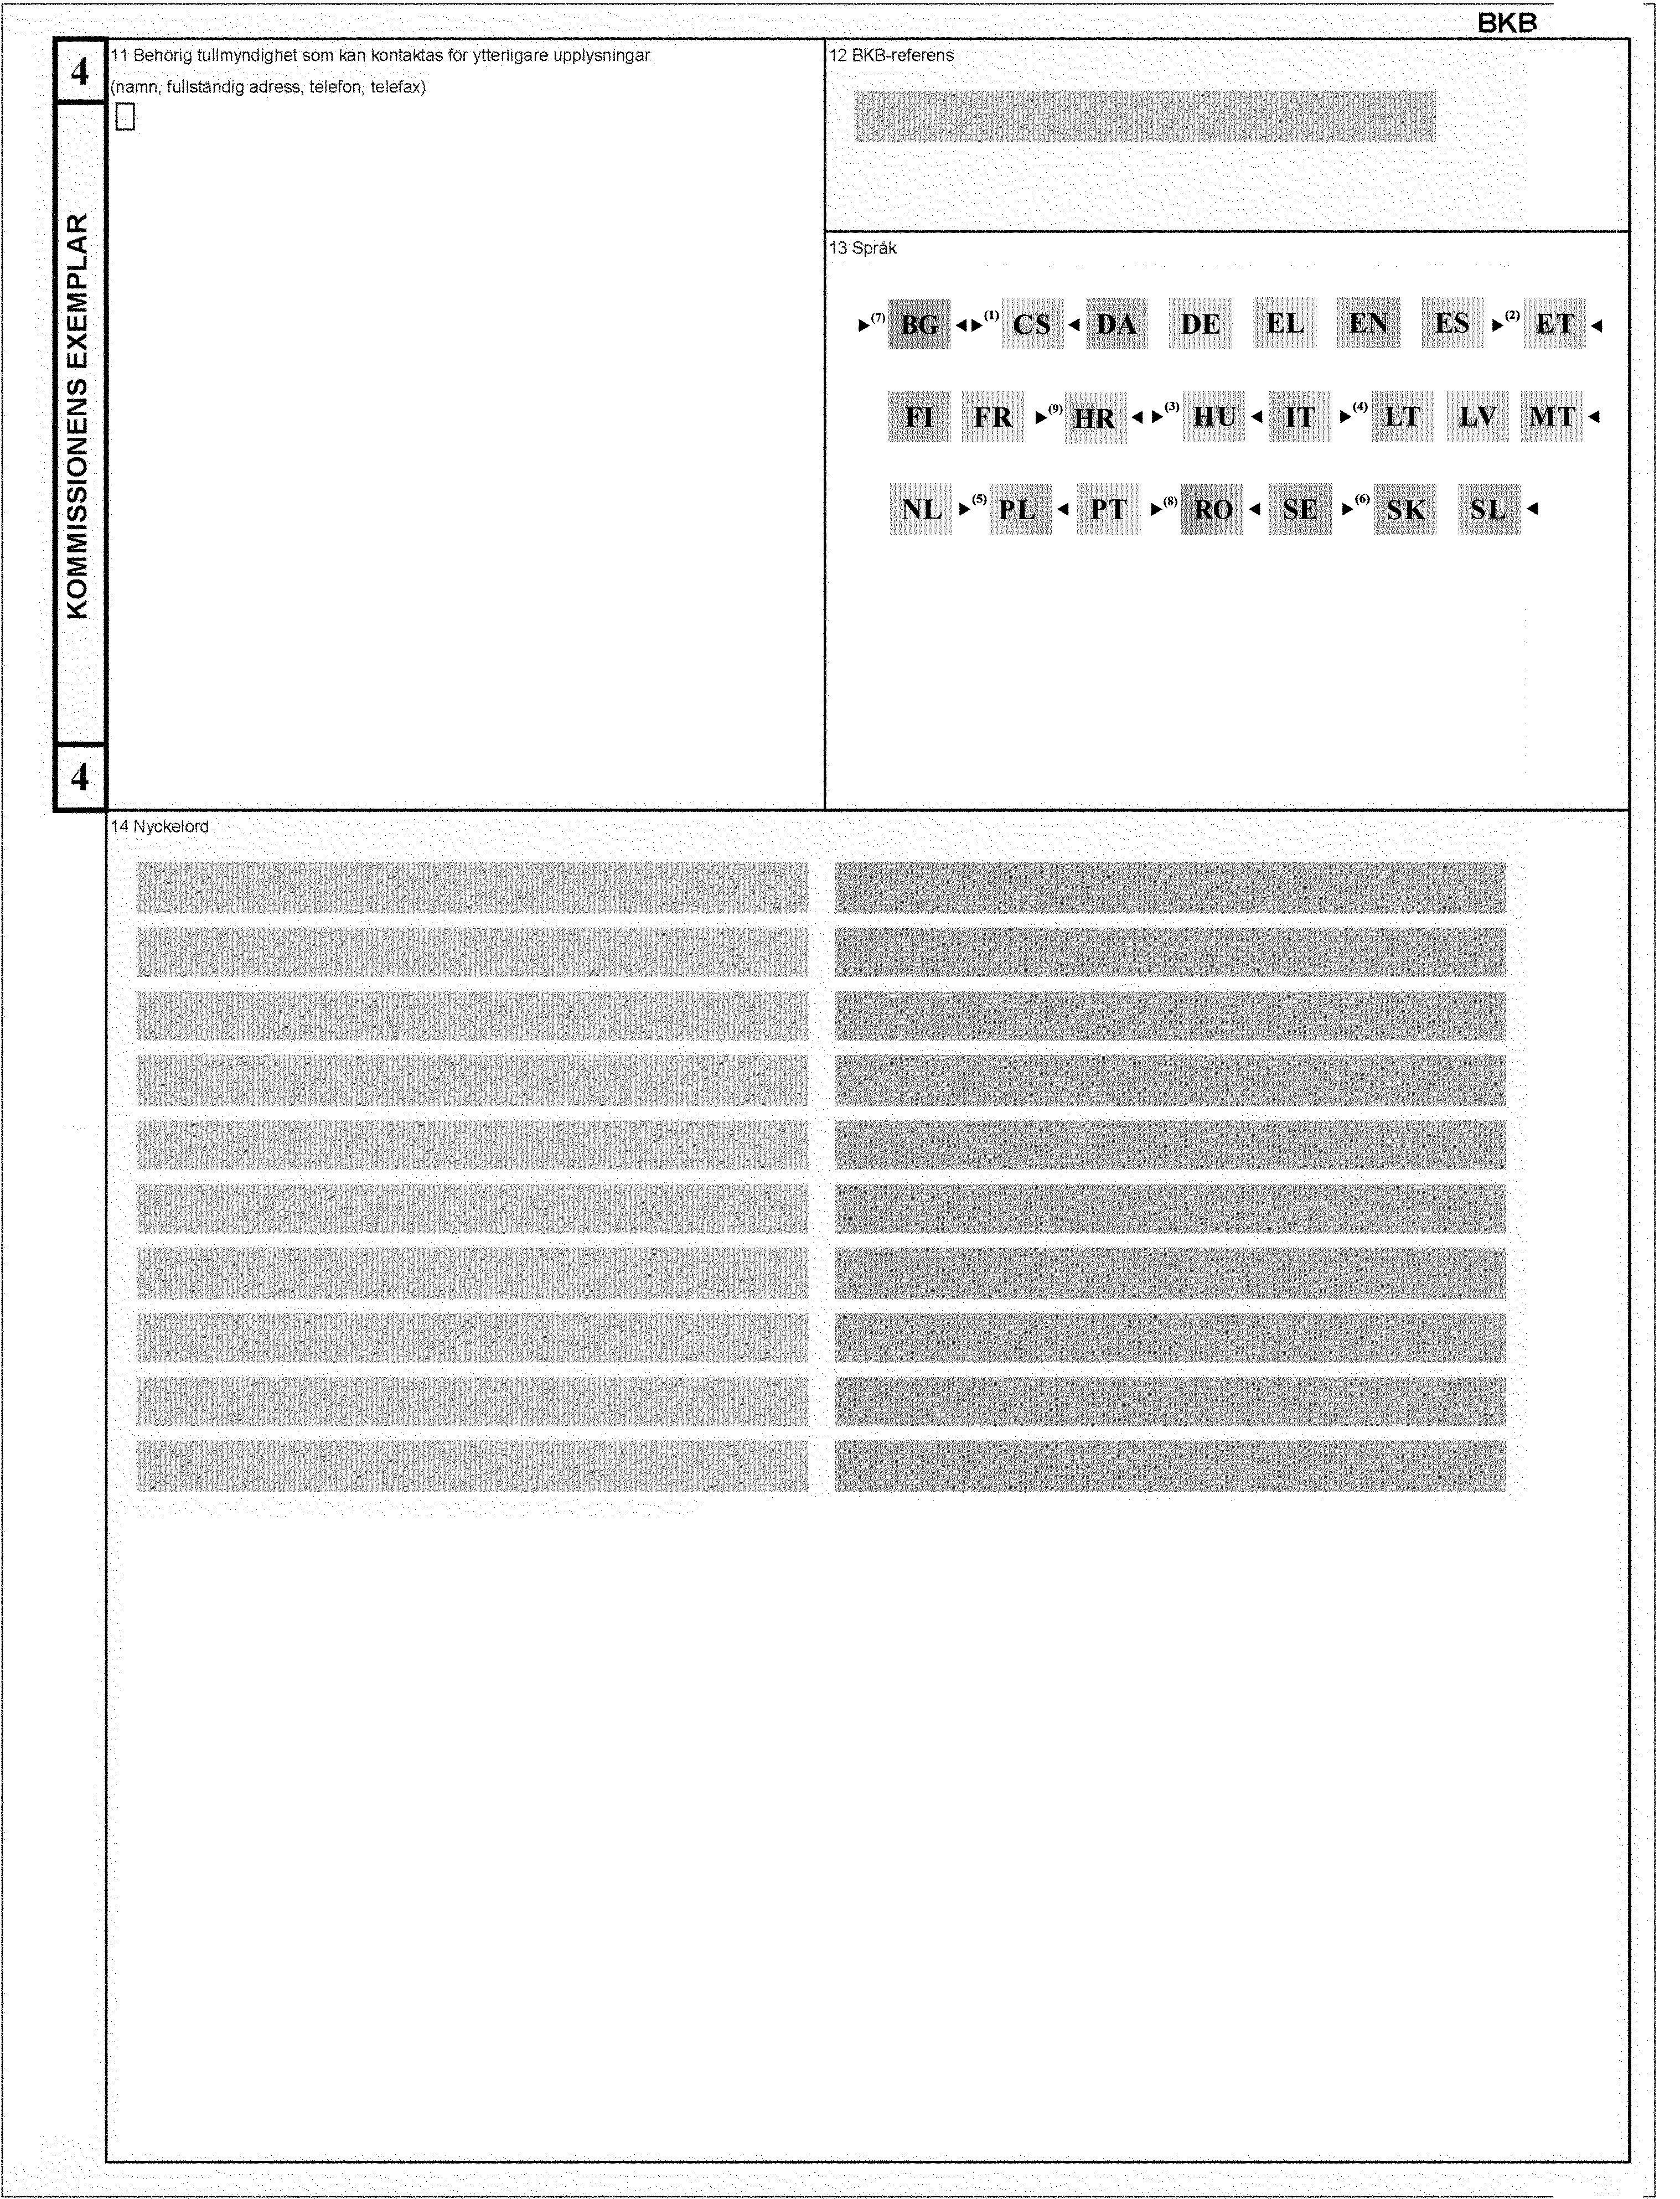 projekthastighetsdatering